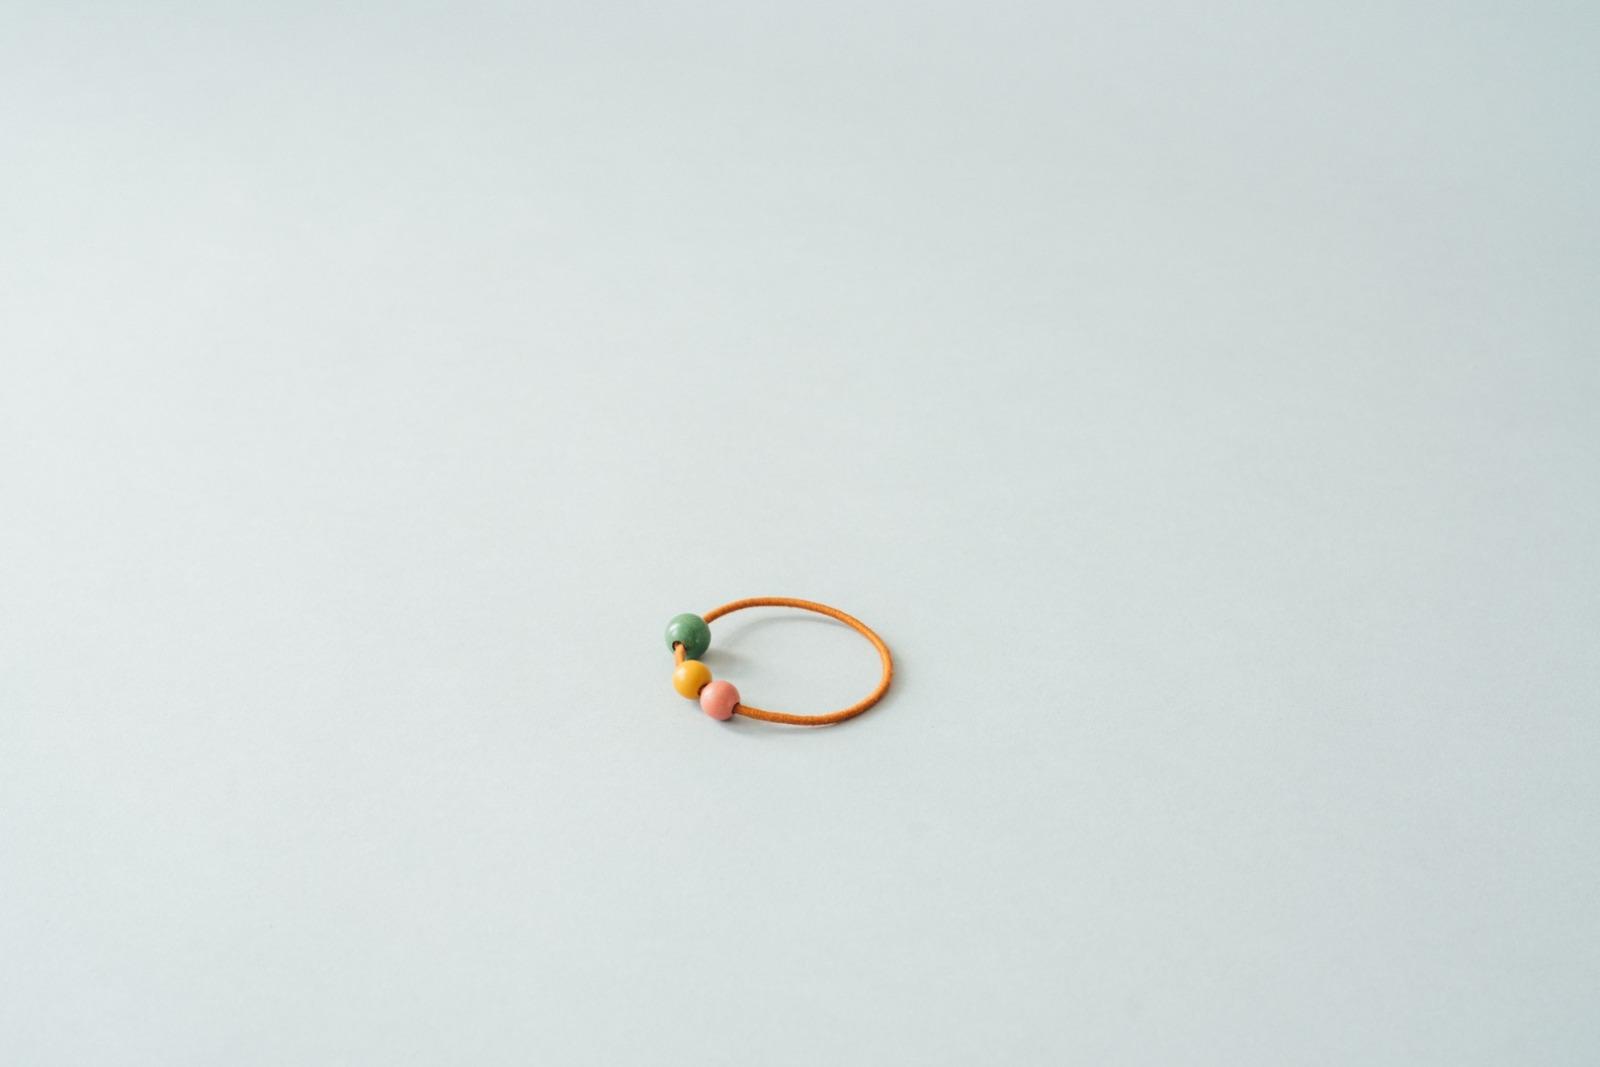 kaami plastikfreies haargummi